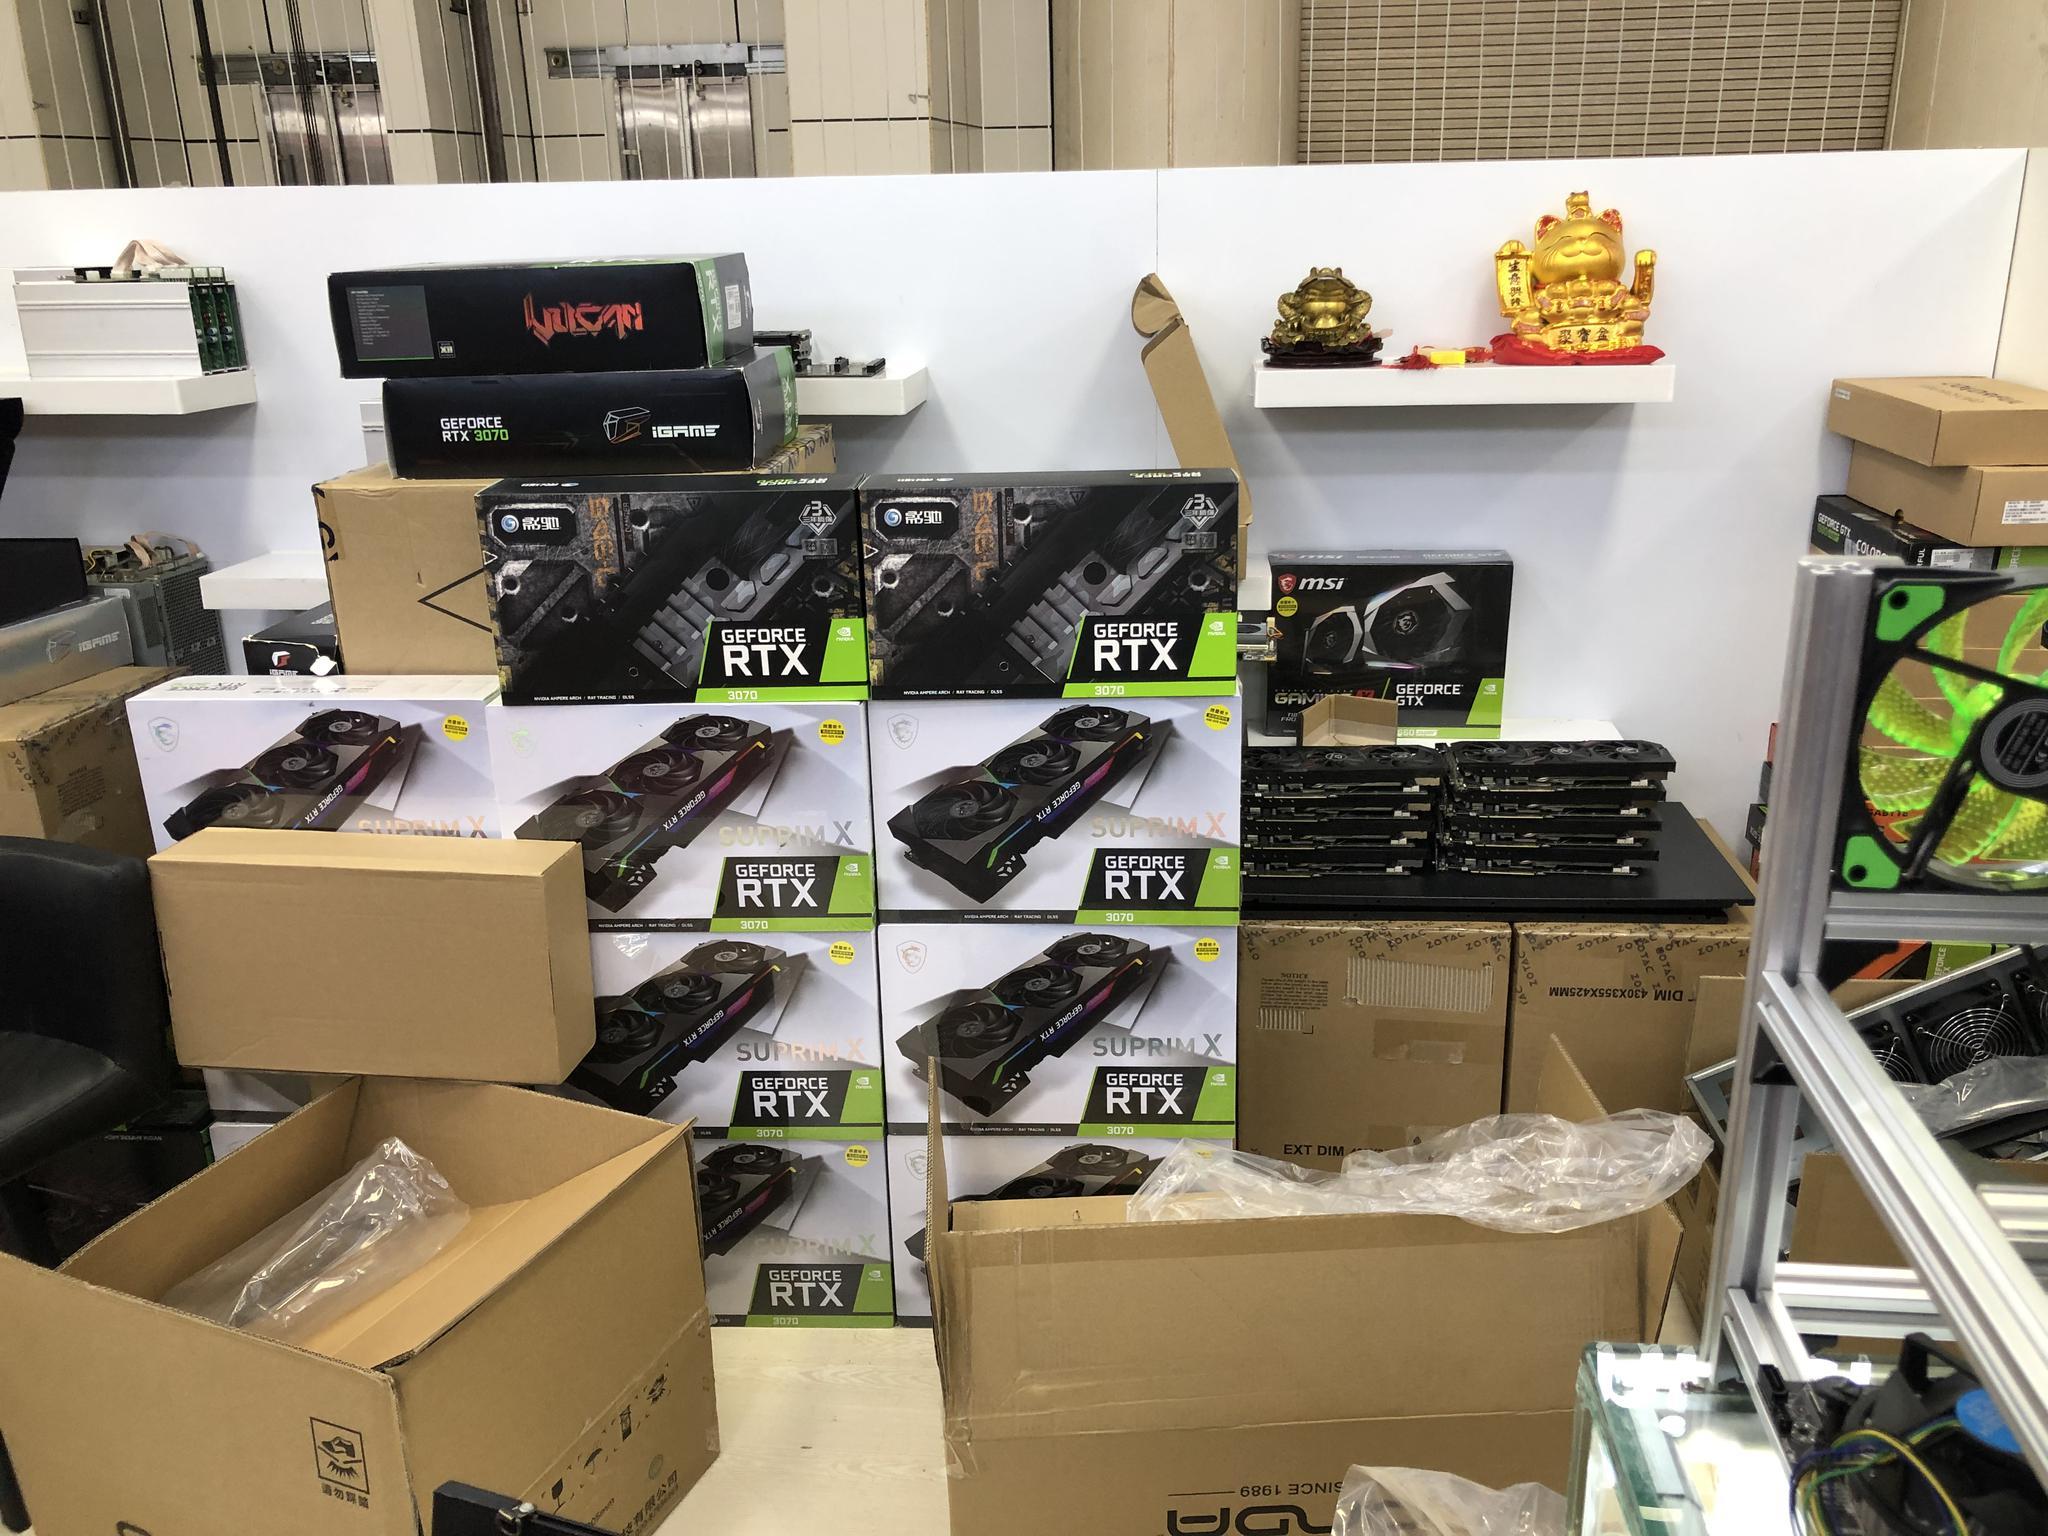 在深圳華強北電子市場,熱門顯卡在店內堆積成一座座小山。(圖片來源:時代周報記者攝)